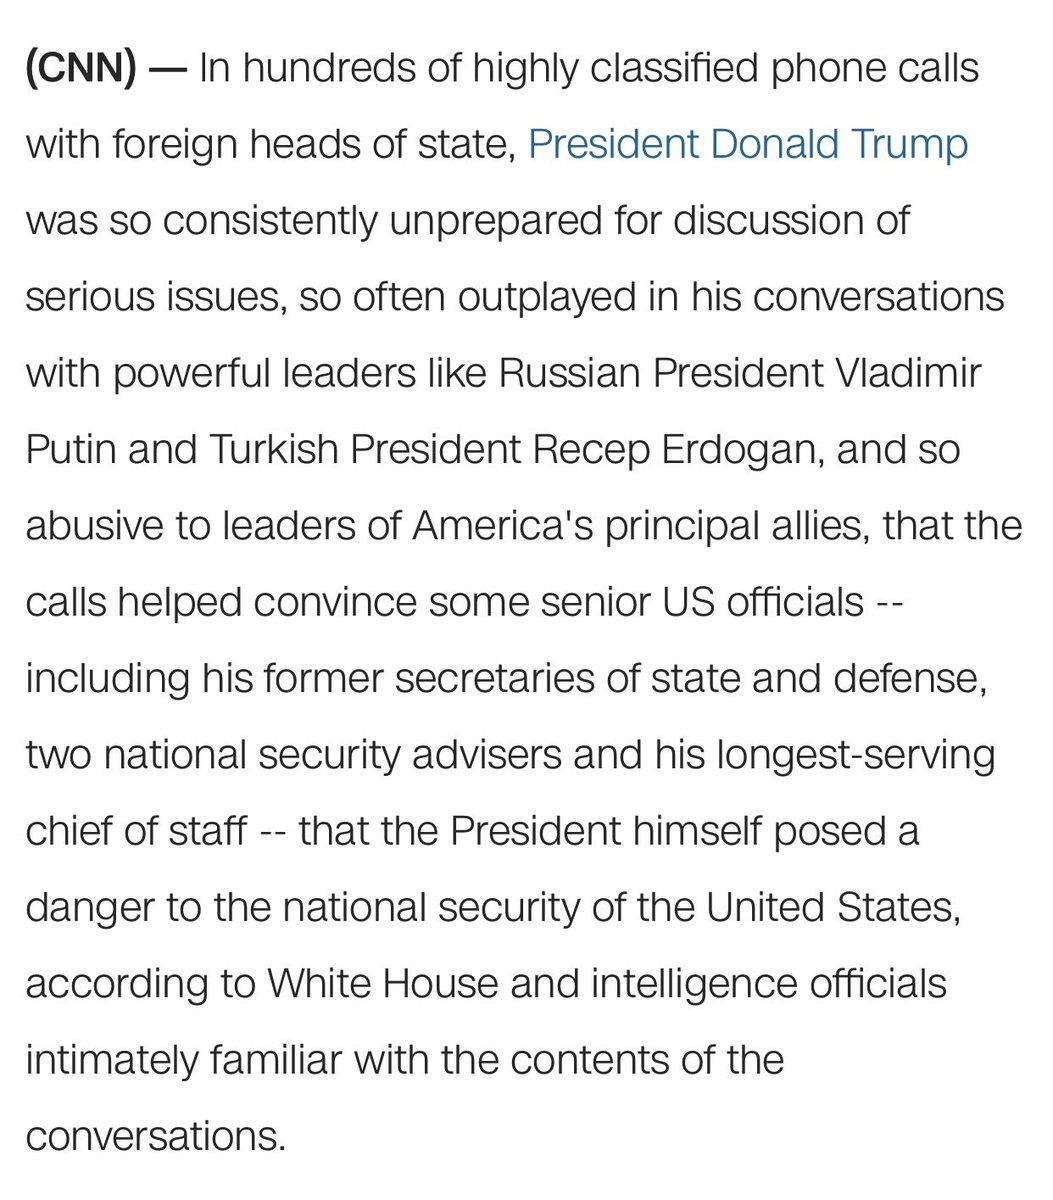 Wow, this lead. cnn.com/2020/06/29/pol…